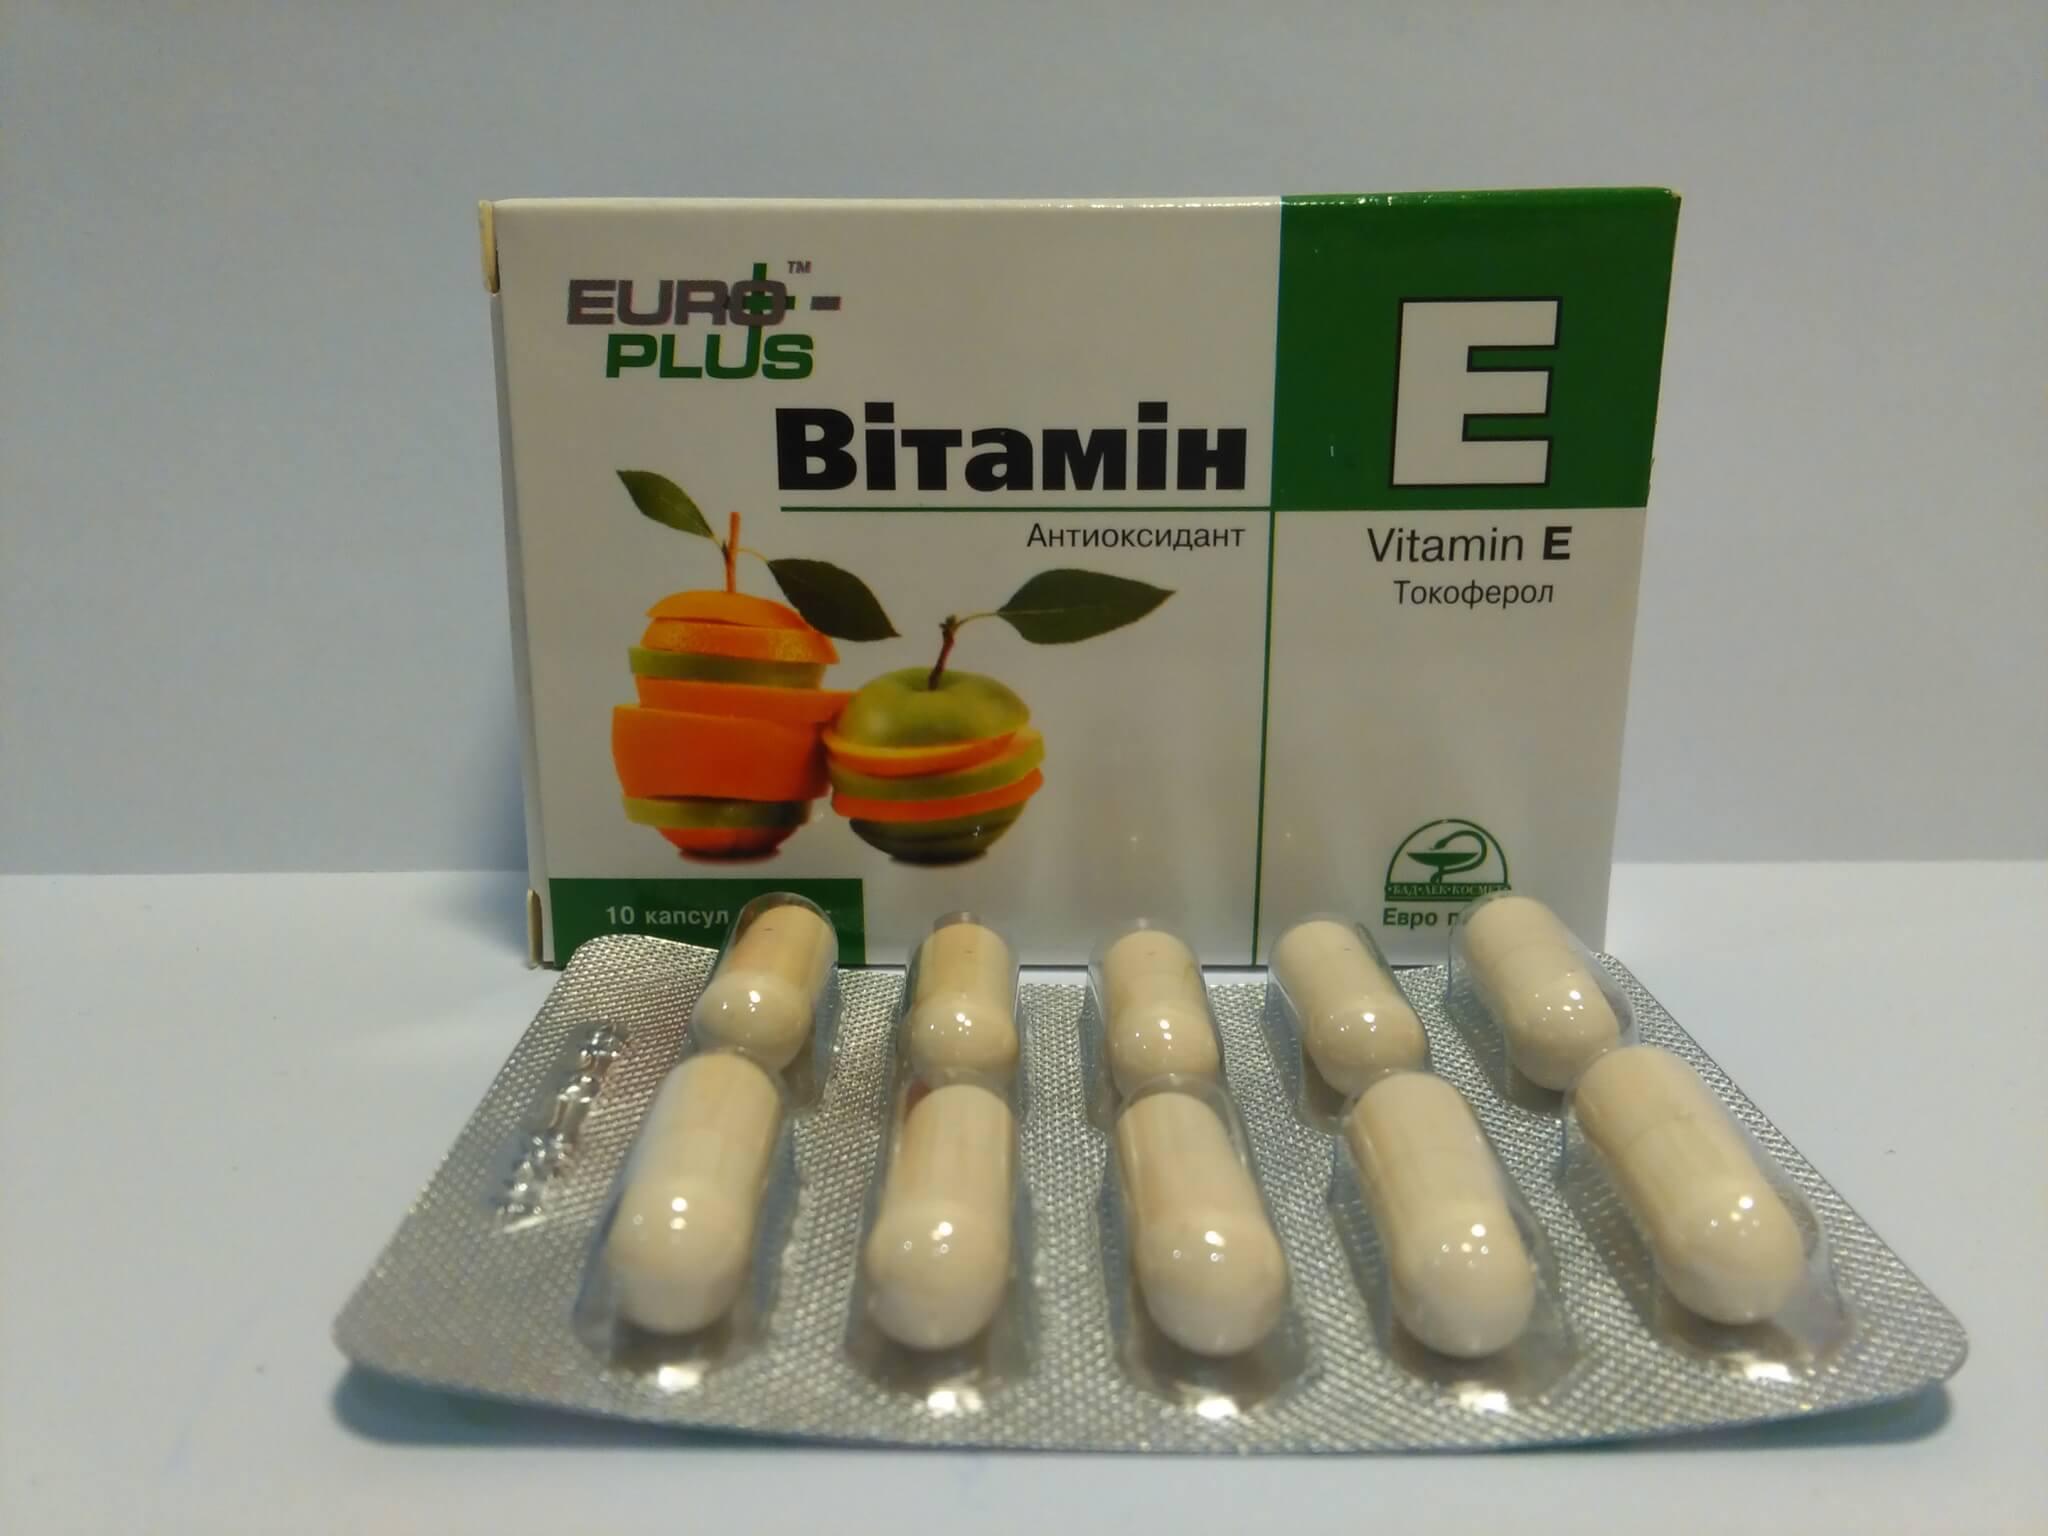 Диетическая добавка Витамин Е как мощный антиоксидант для улучшения состояние организма при сердечно - сосудистых заболеваниях и органов зрения, омолаживающего действия